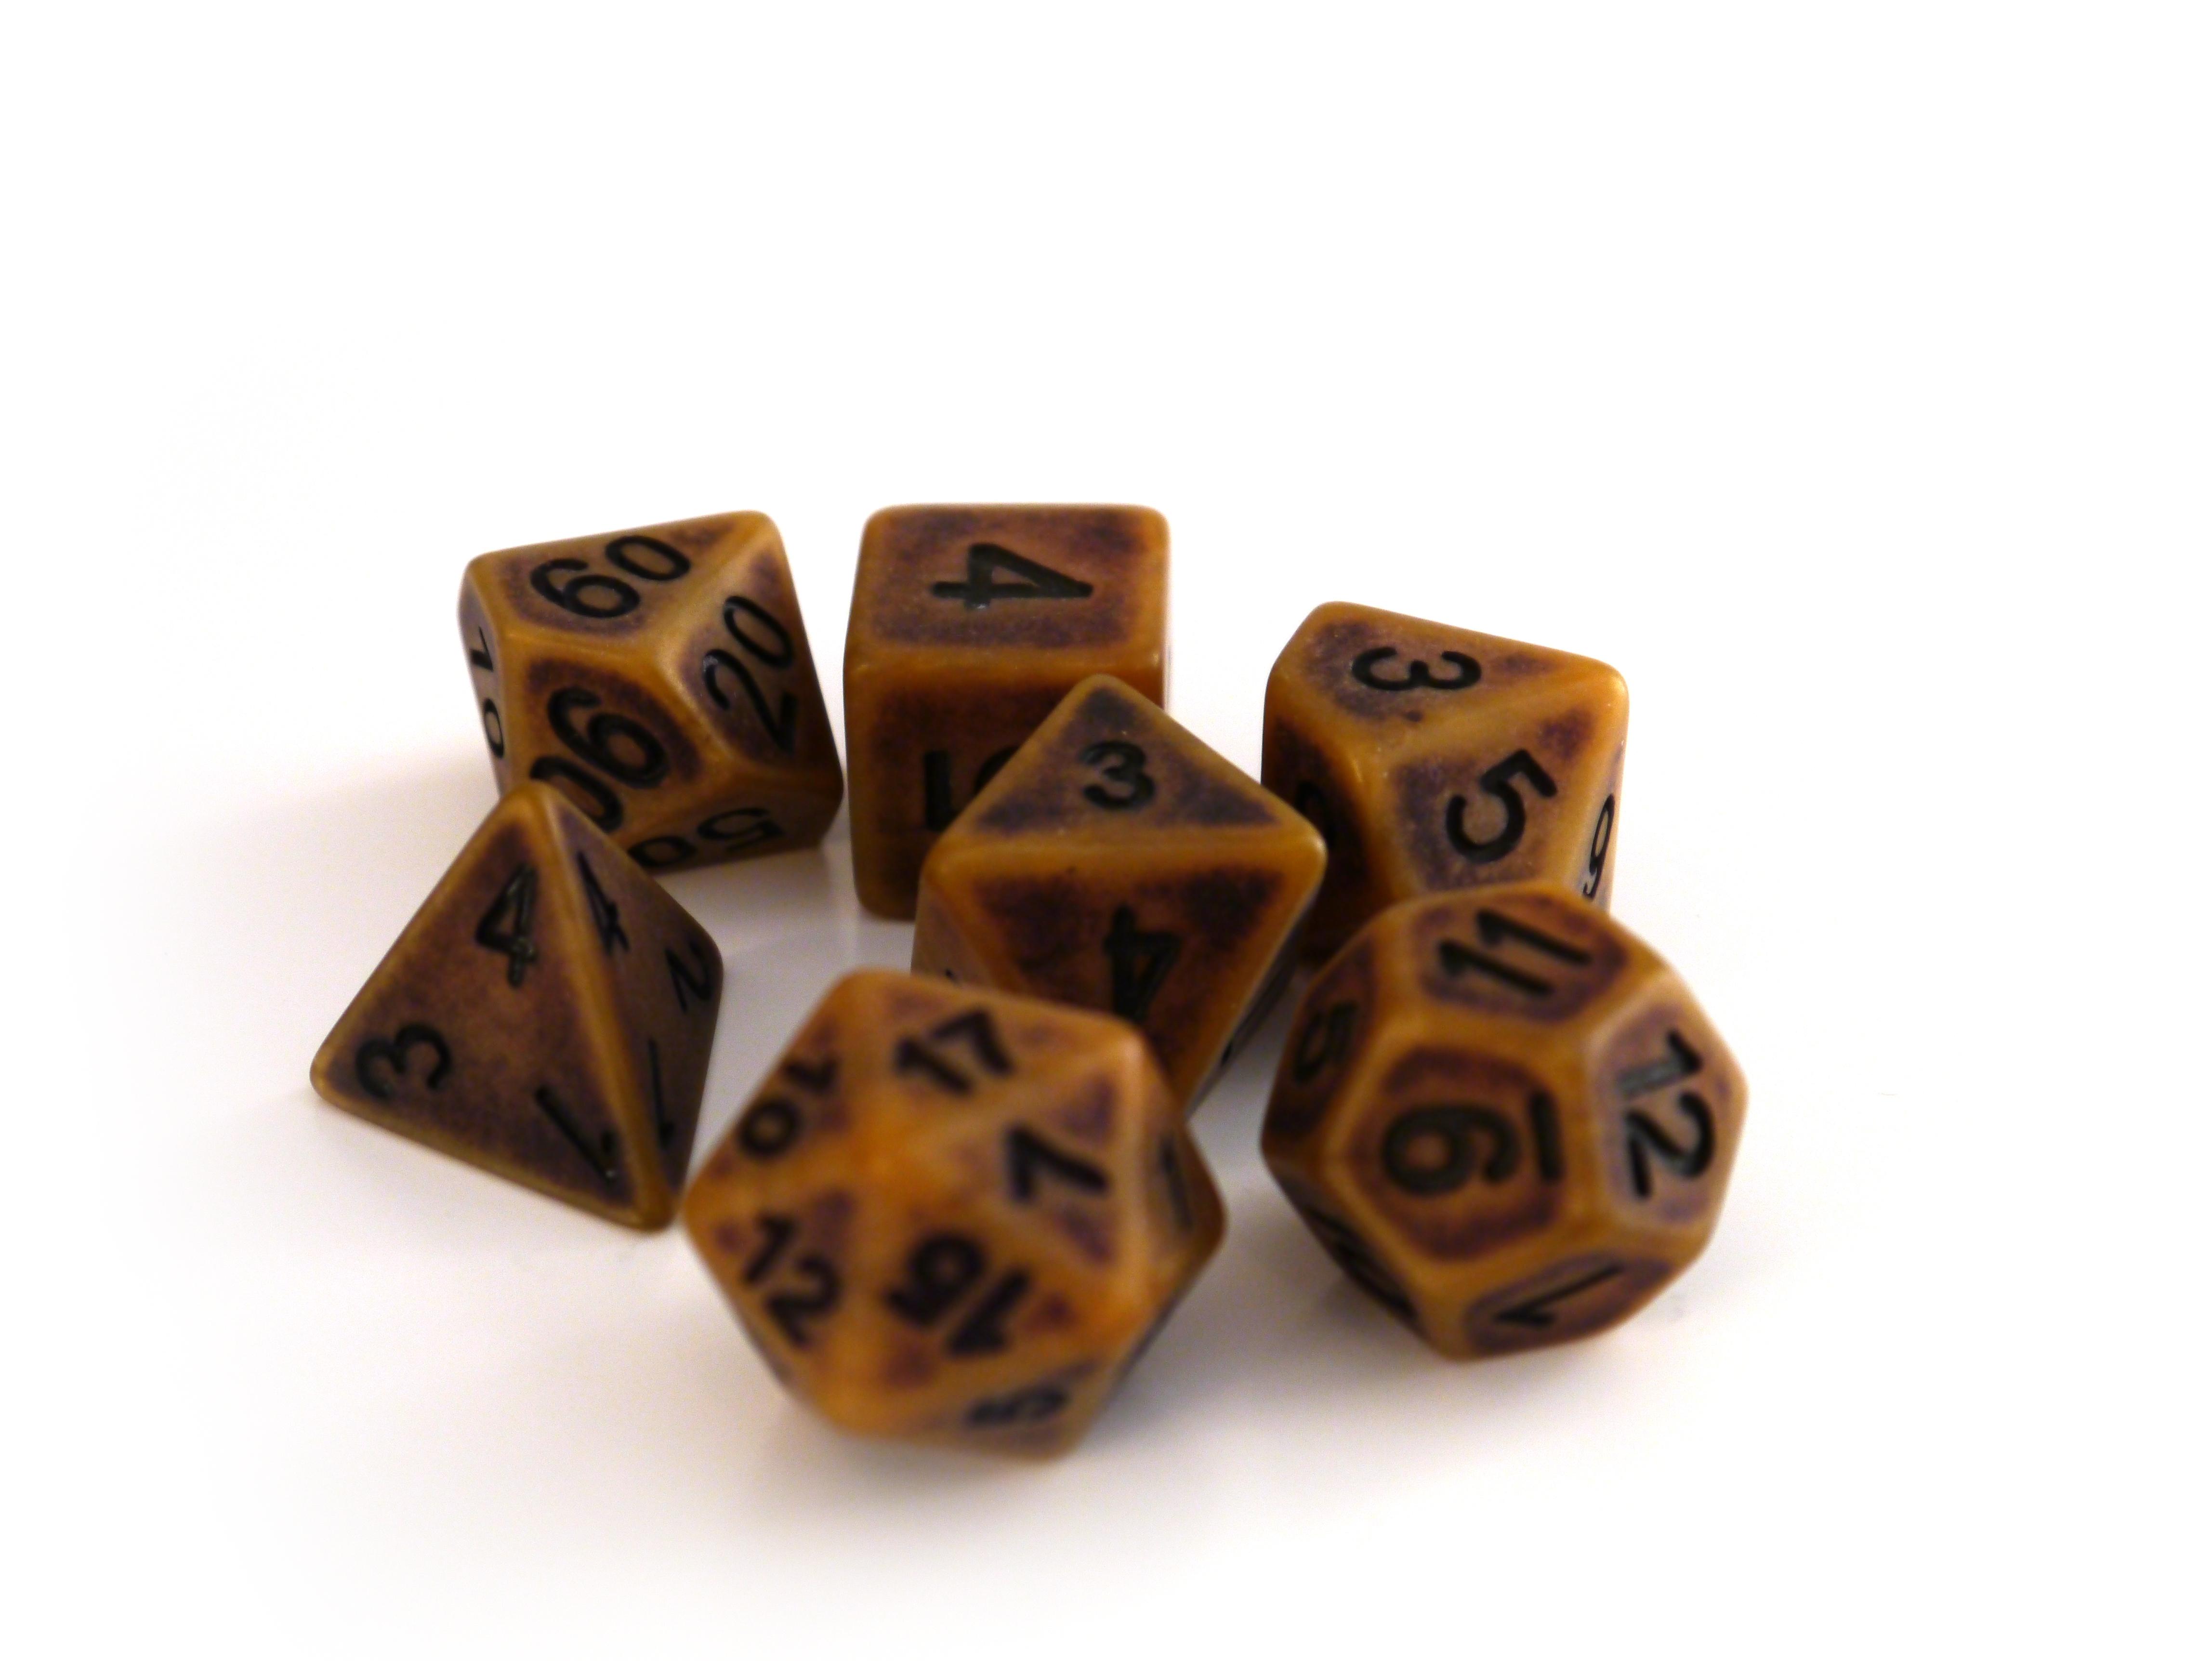 7 teiliges Würfelset D /& D D4 D6 D8 D10 D20 Würfelspiel Polyhedral Dice #